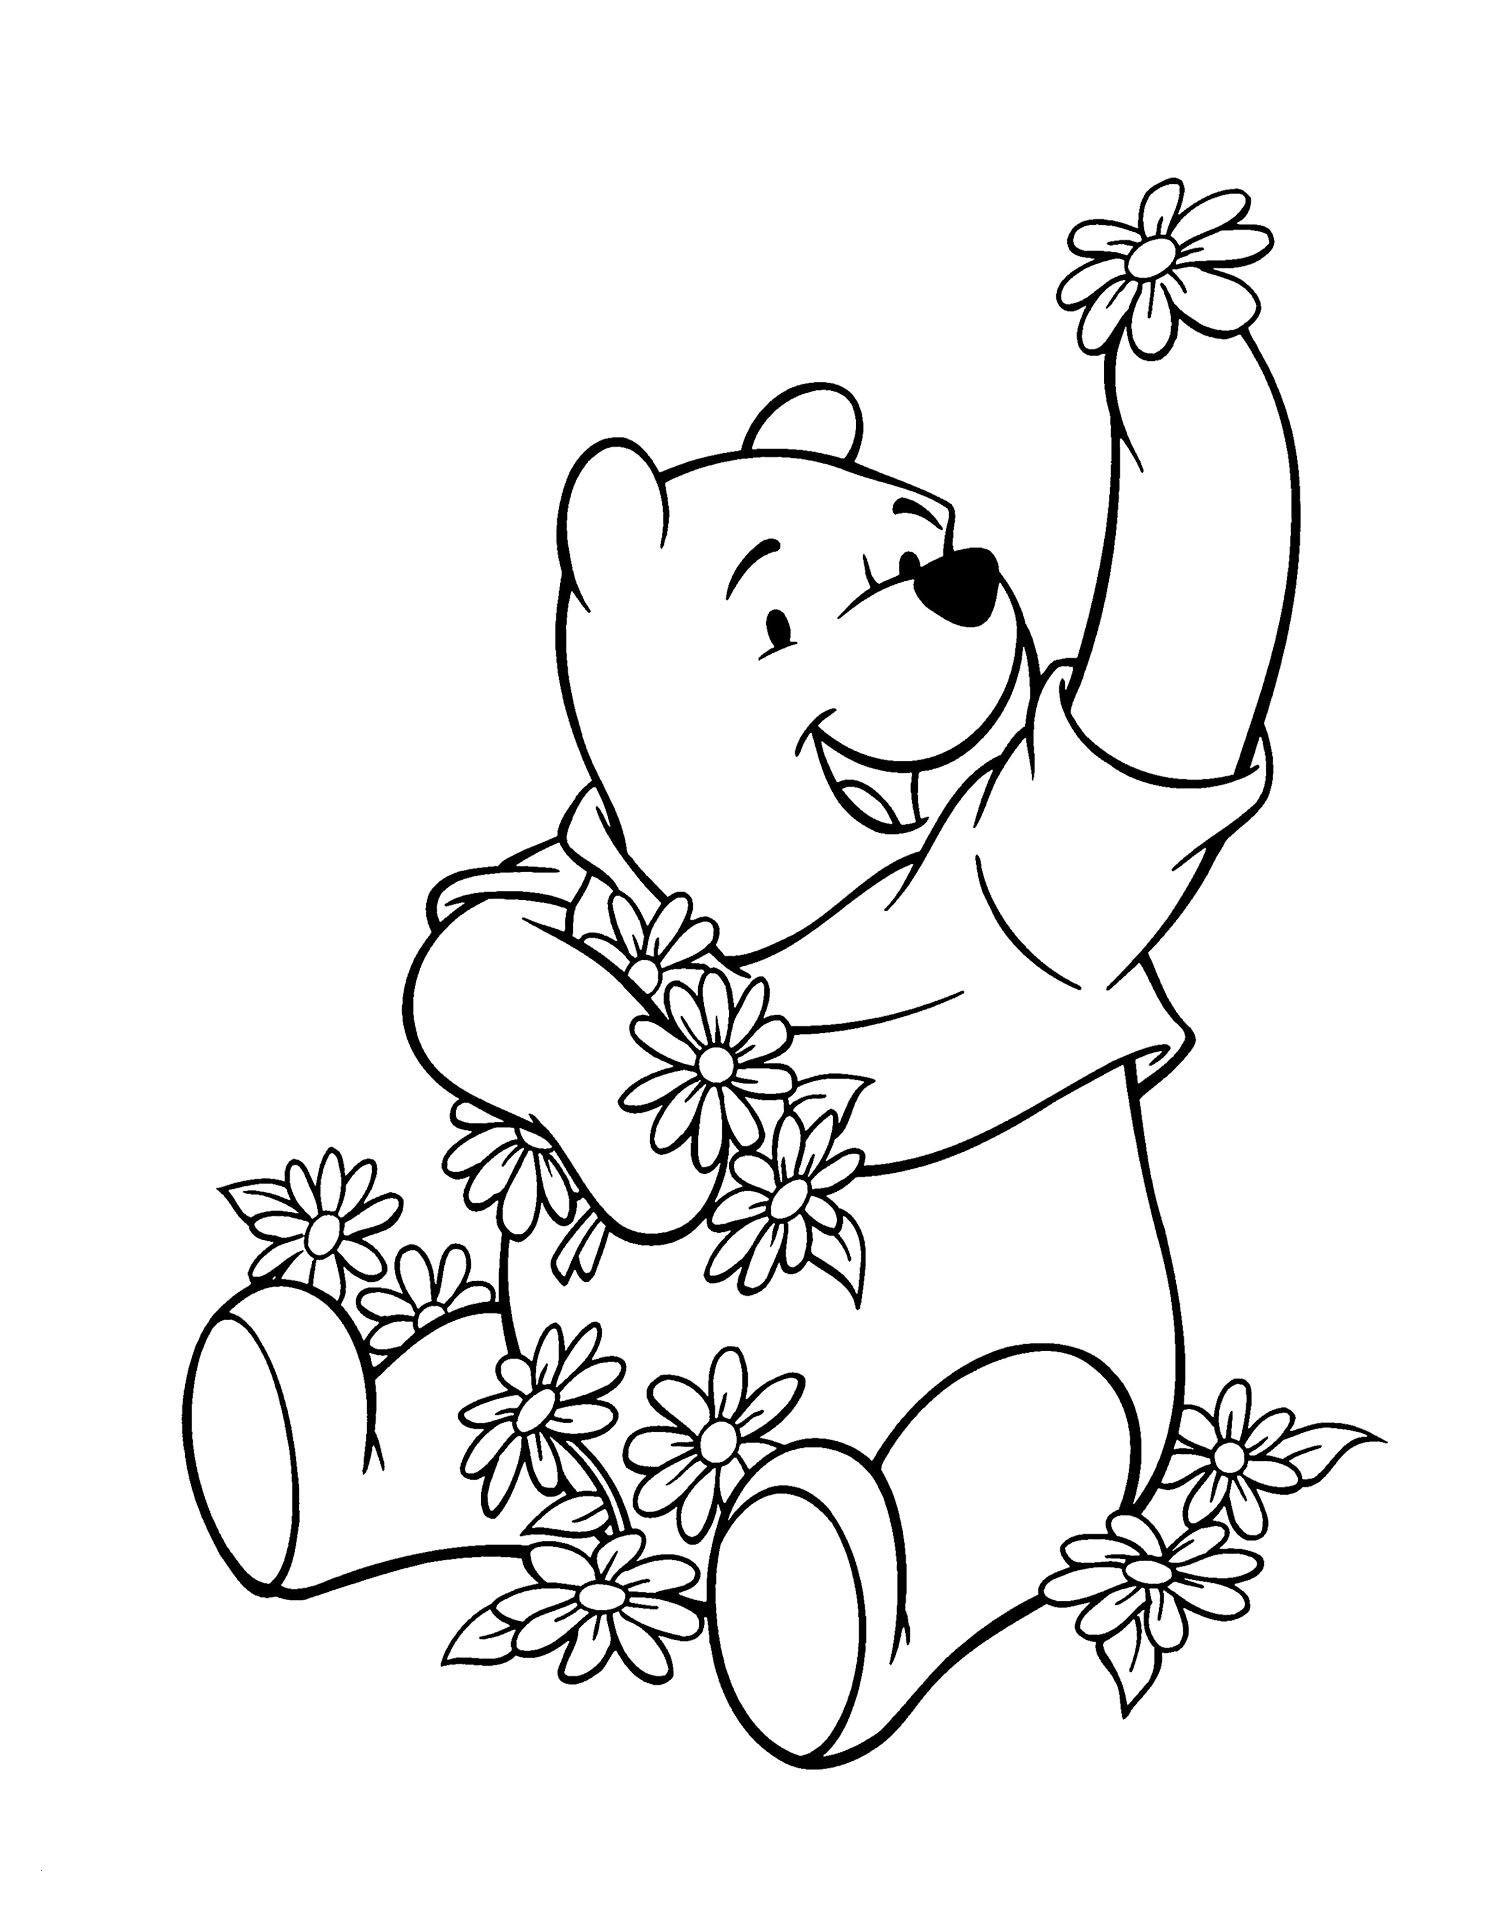 Winnie Pooh Baby Malvorlagen Einzigartig Winnie the Pooh and the Many Flowers Coloring Page Luxus Winnie Pooh Das Bild